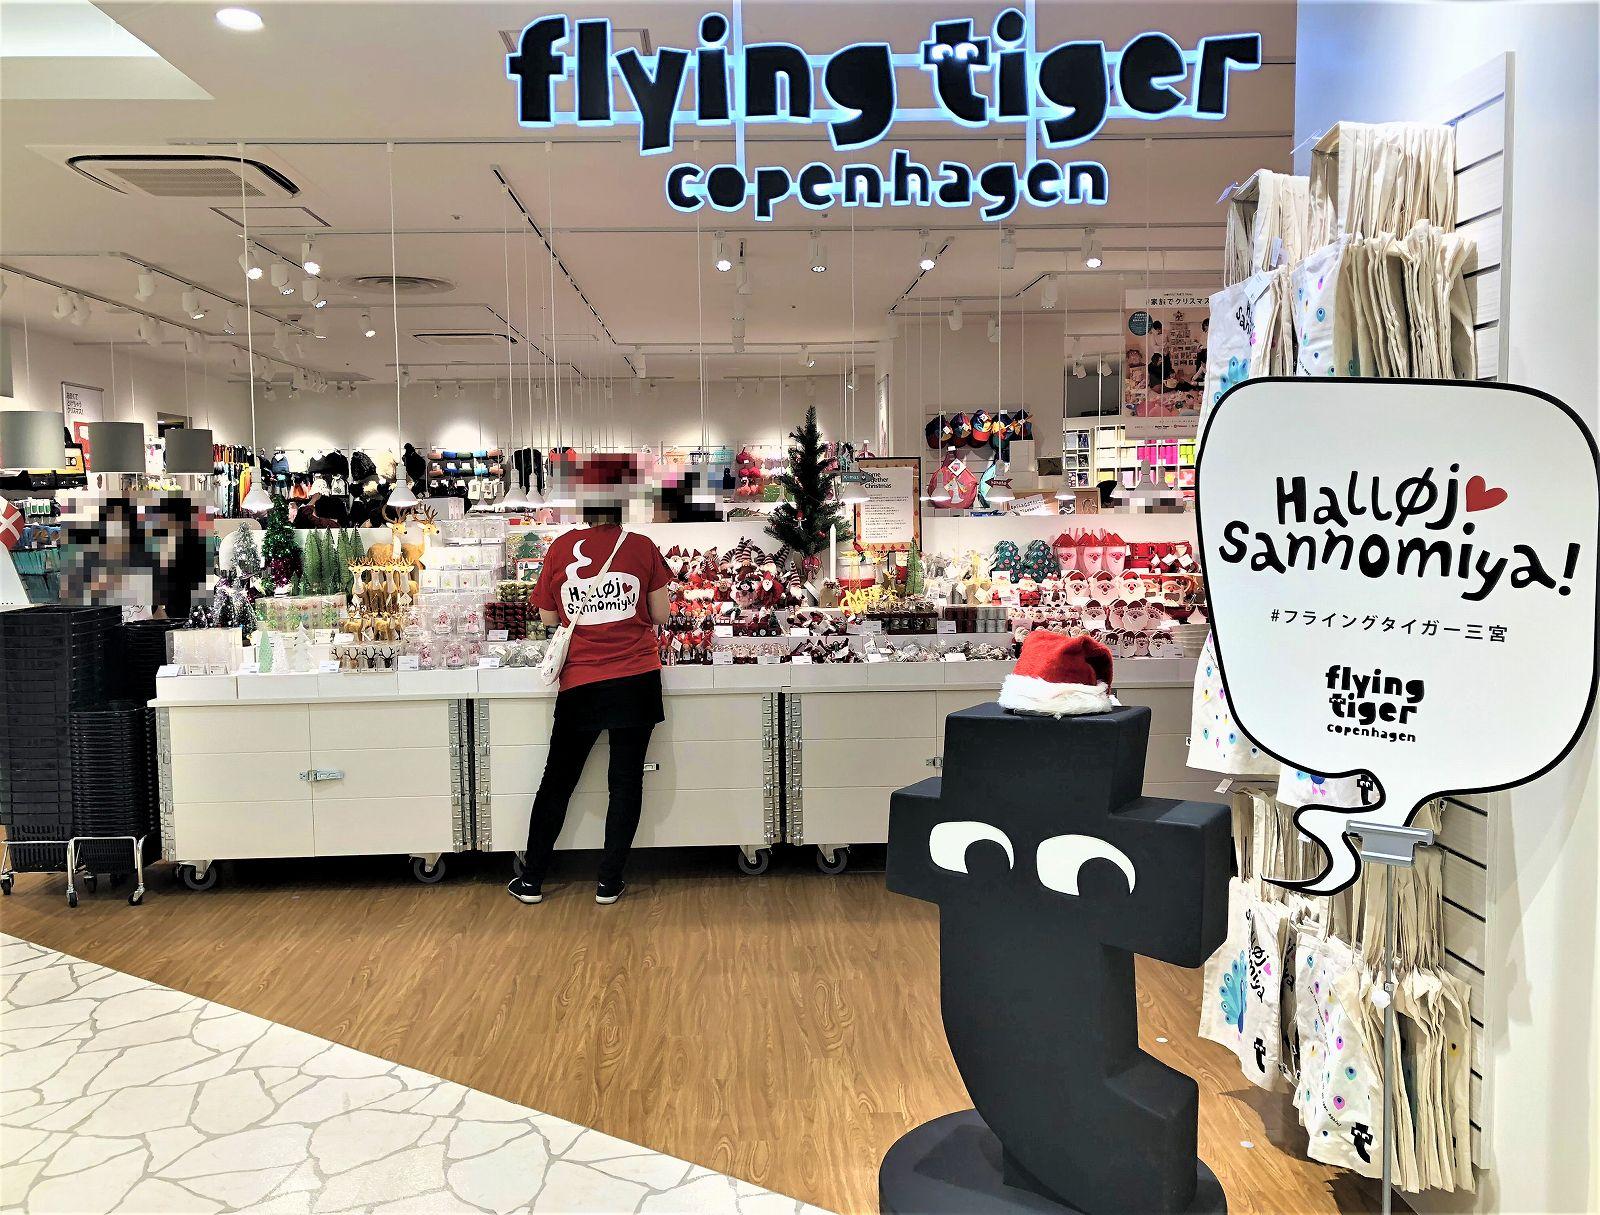 インスタ映え!デンマーク発の「フライング タイガー」が 三宮ビブレに10/26(金)オープンしたよ! #フライングタイガー #新規オープン #三宮ビブレ #北欧雑貨 #インスタ映え